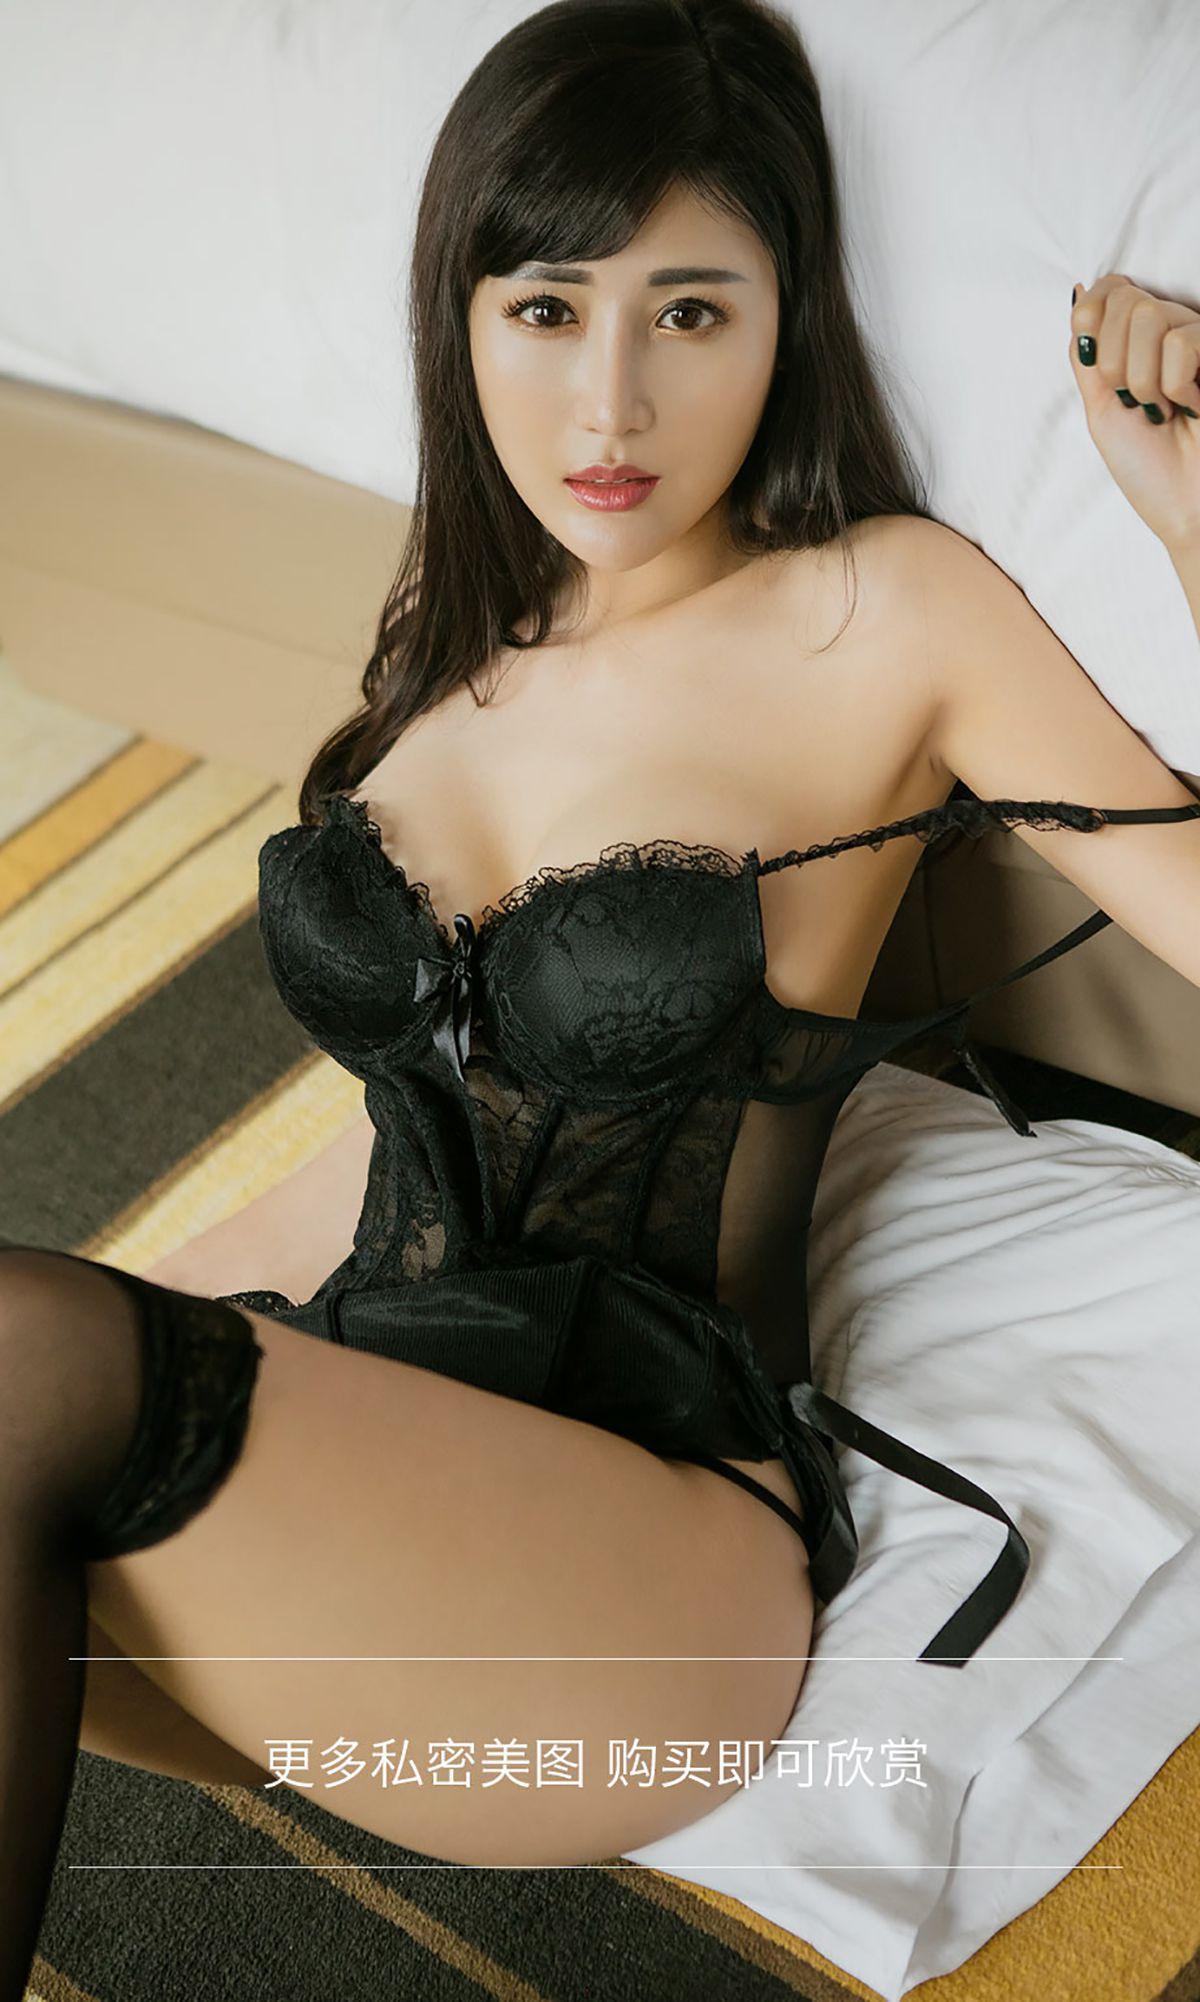 林雨樊 - 假期艳遇 写真图片